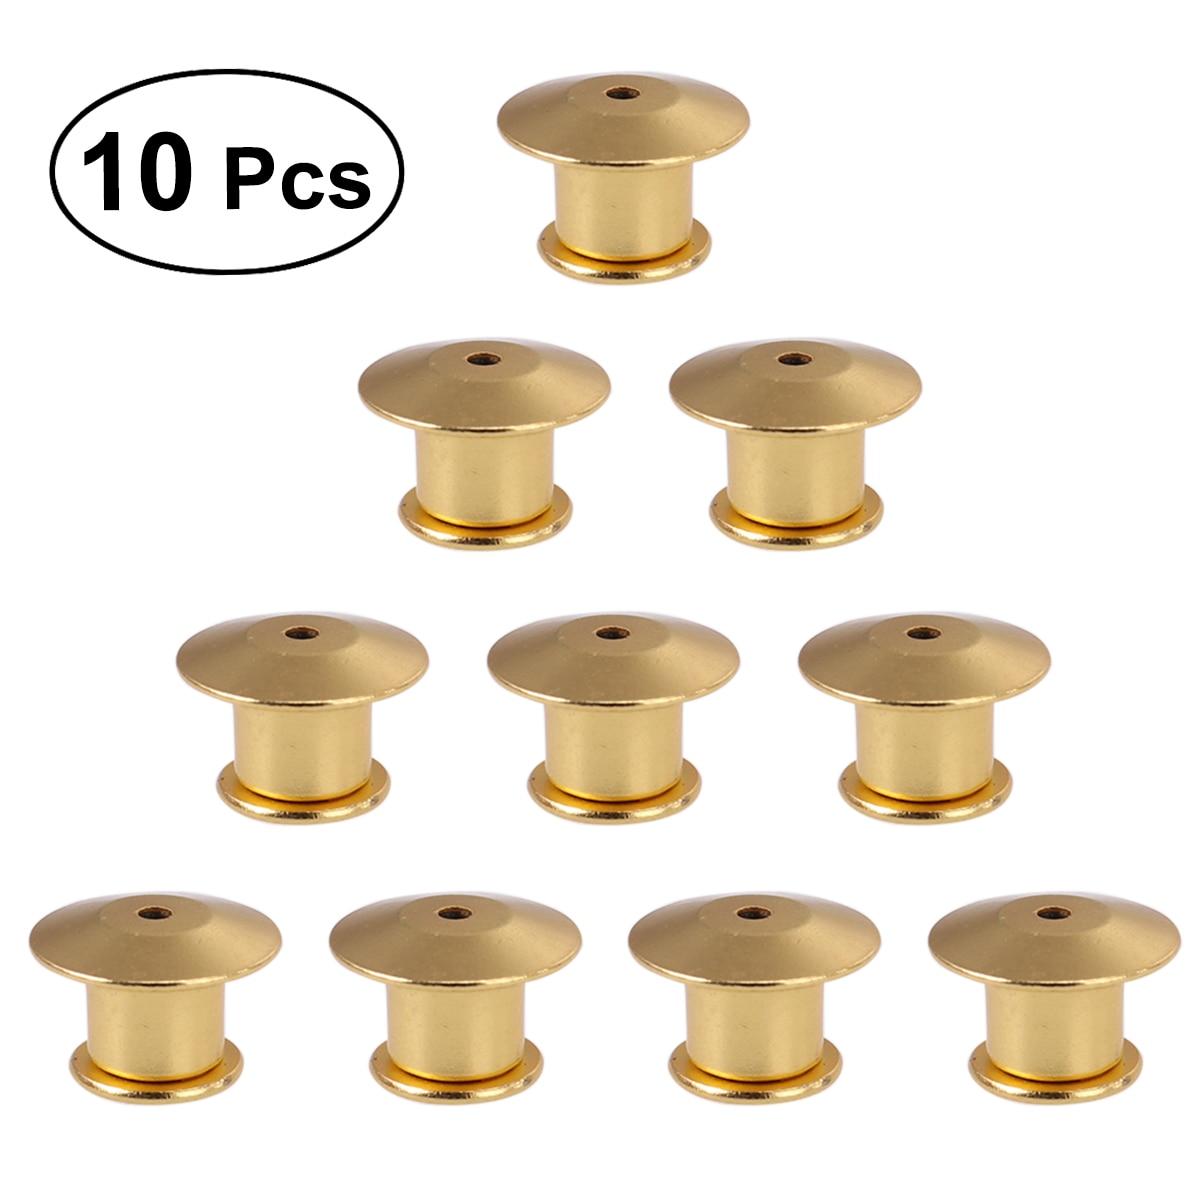 For Badge Books Hats Bag 10//20x Locking Pin Backs Metal Locking Clasp Pin Keeper